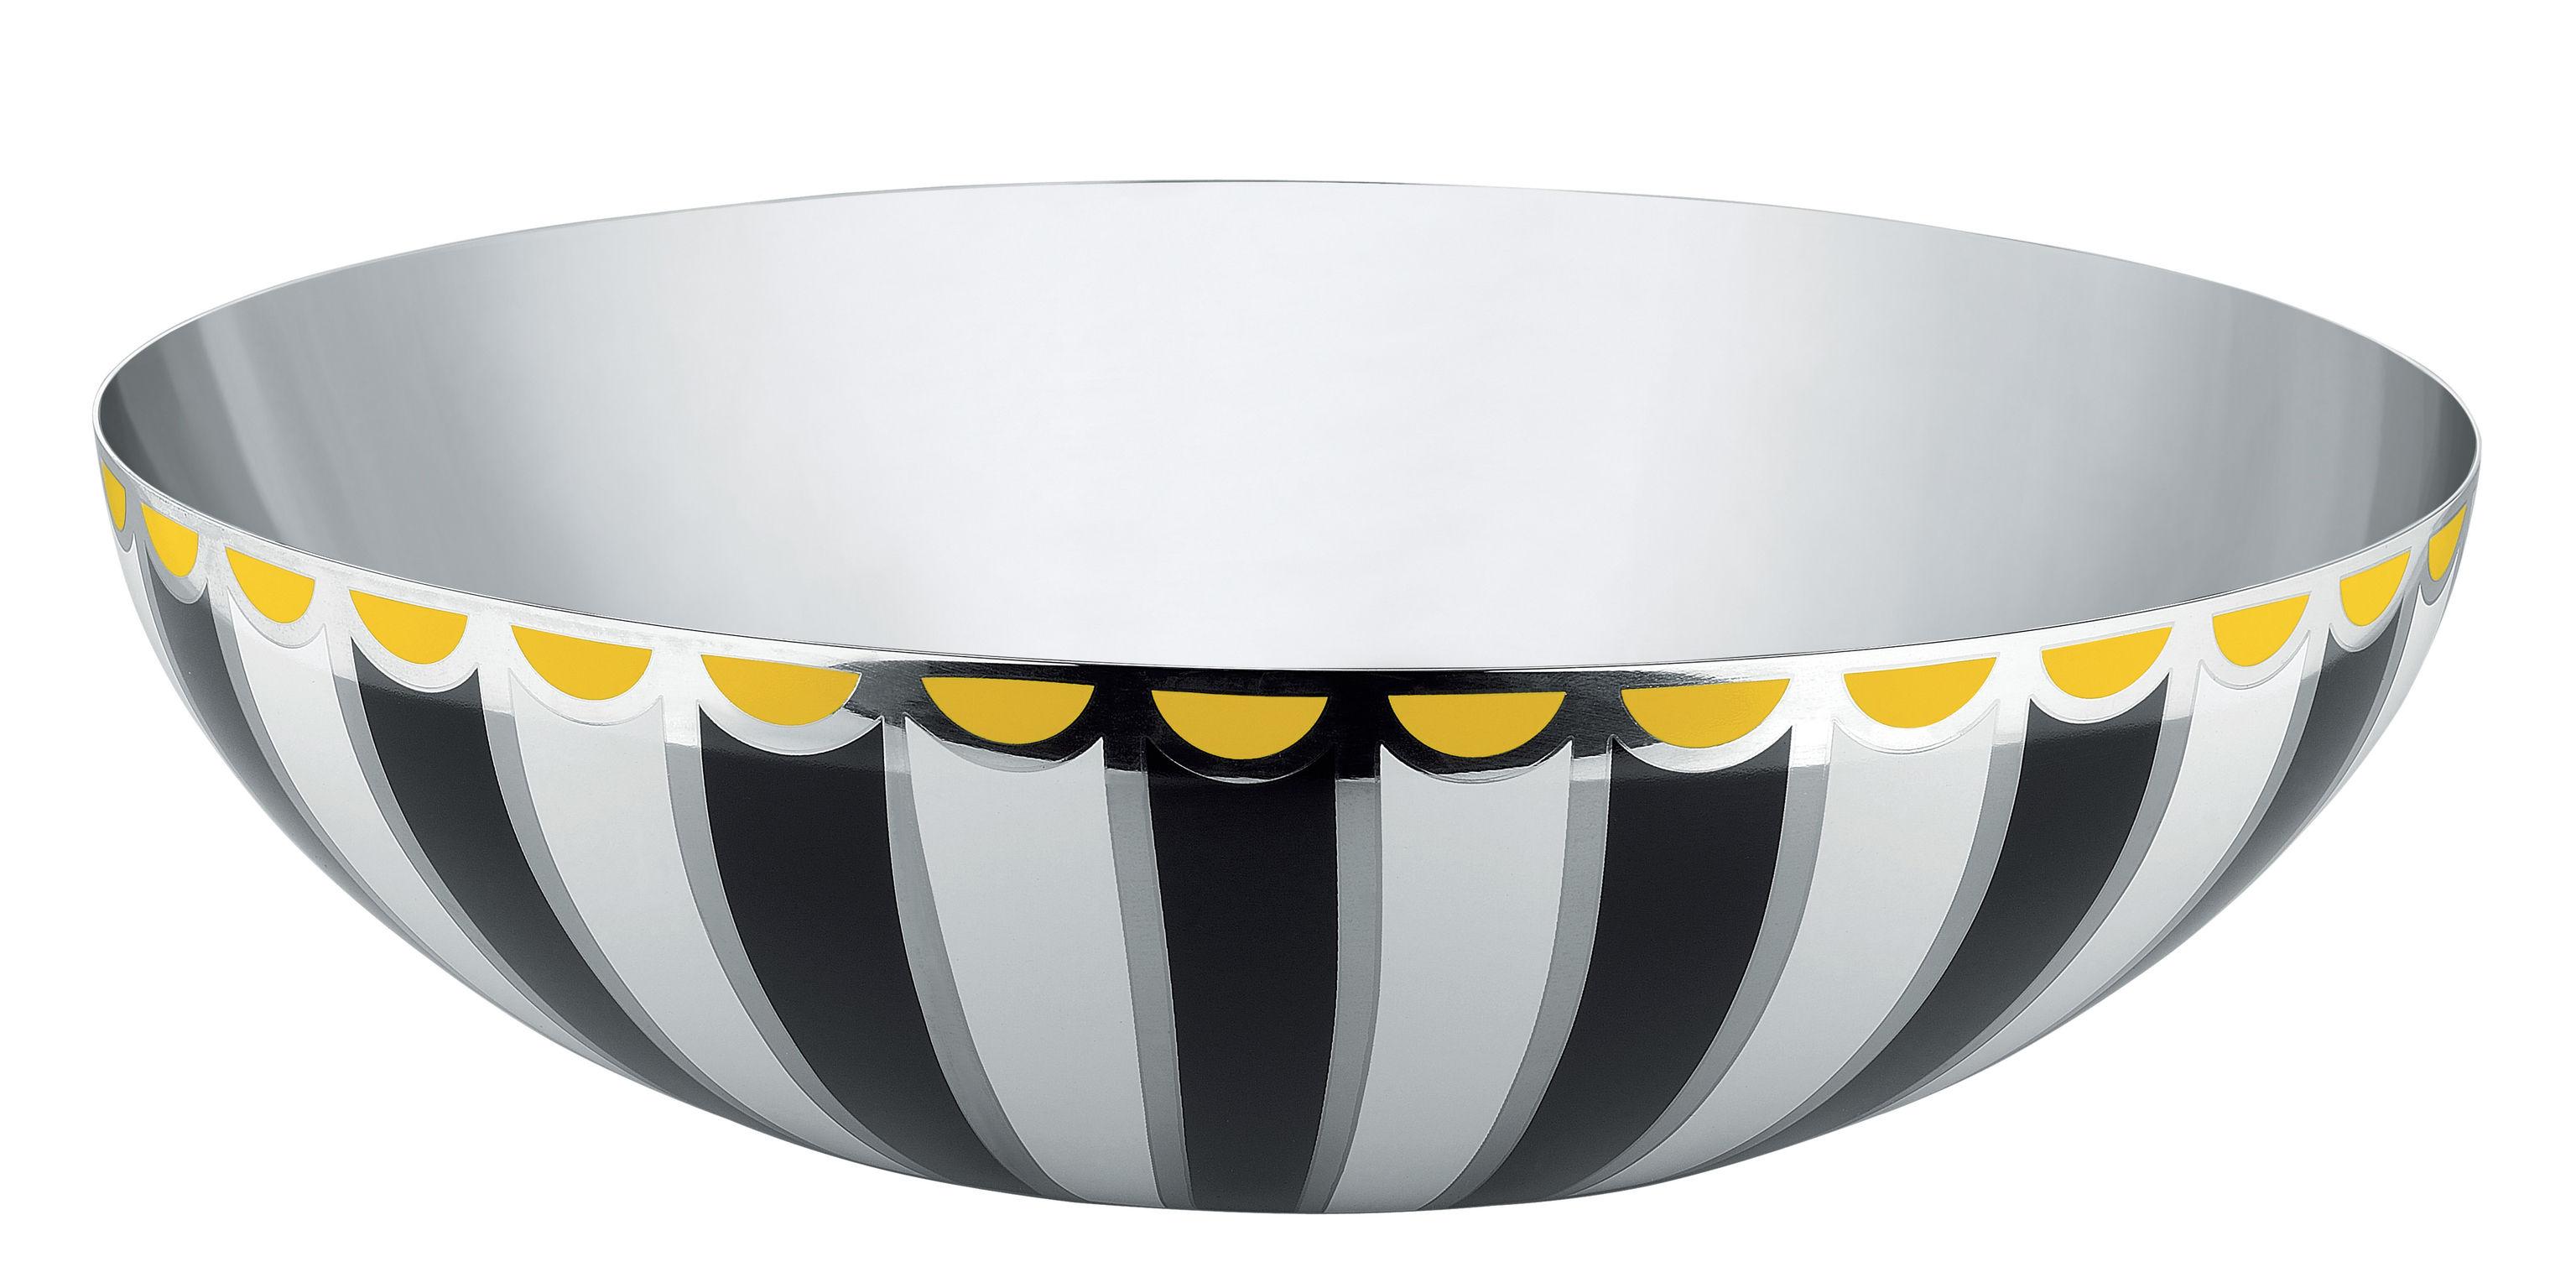 Arts de la table - Saladiers, coupes et bols - Coupe Circus / Ø 32 cm - Métal - Alessi - Ø 32 cm / Noir - Acier inoxydable peint